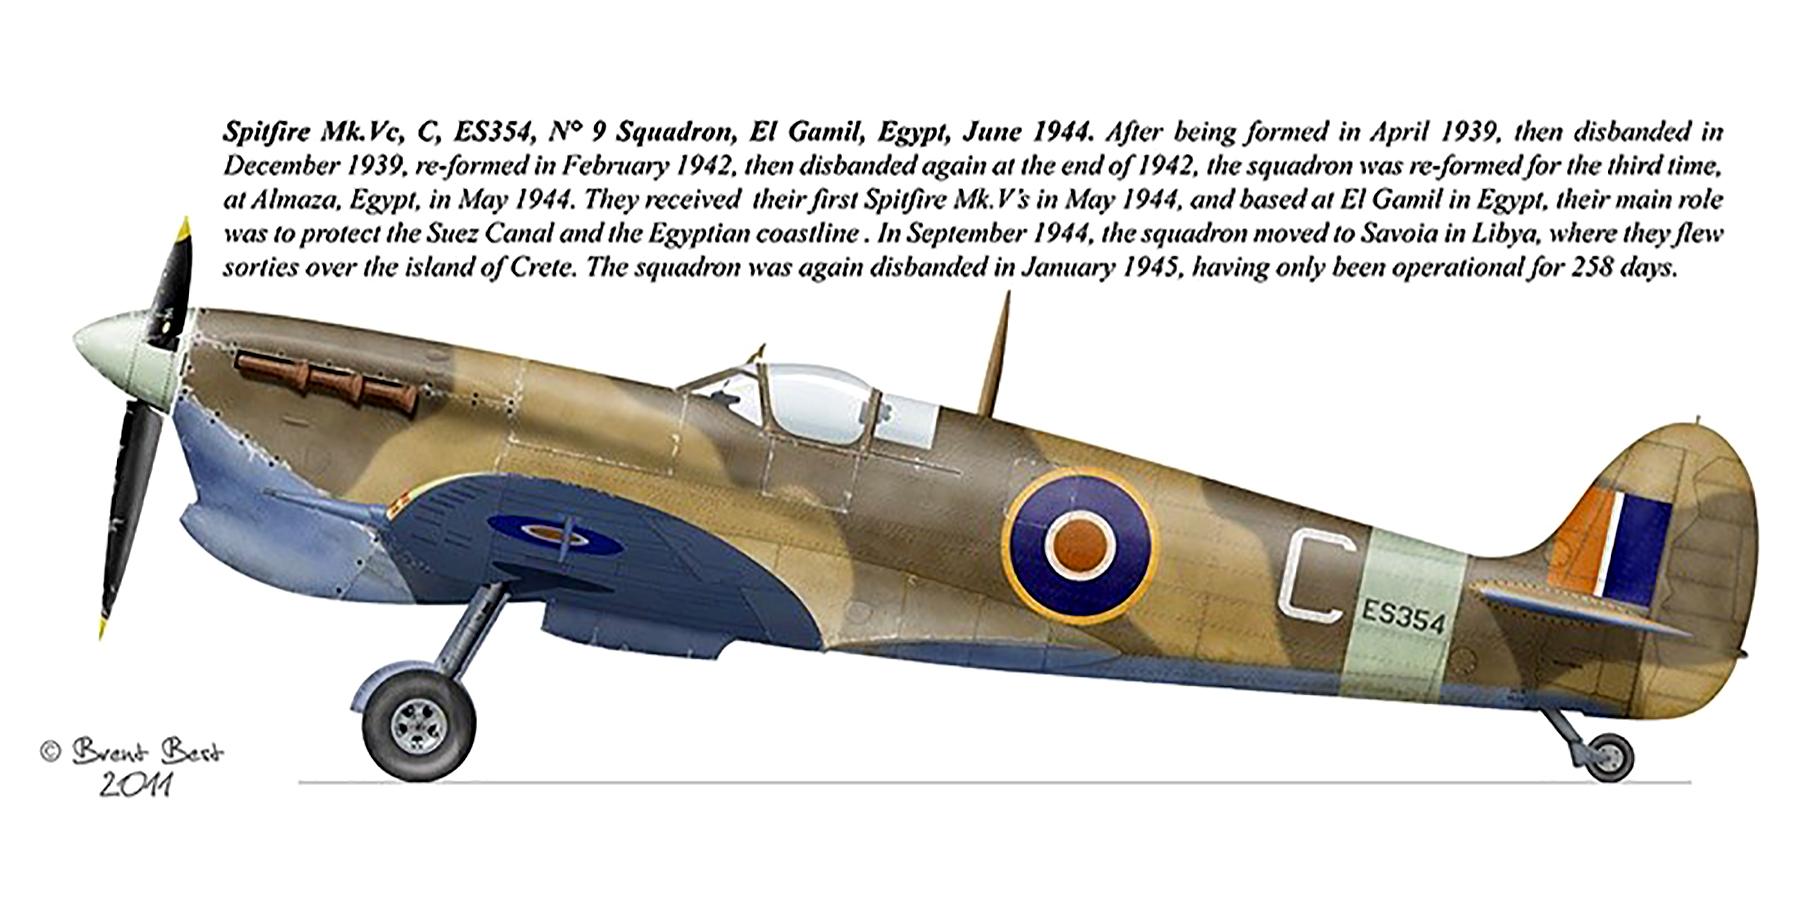 Spitfire MkVcTrop SAAF 9Sqn C ES354 El Gamil Egypt Jun 1944 0A